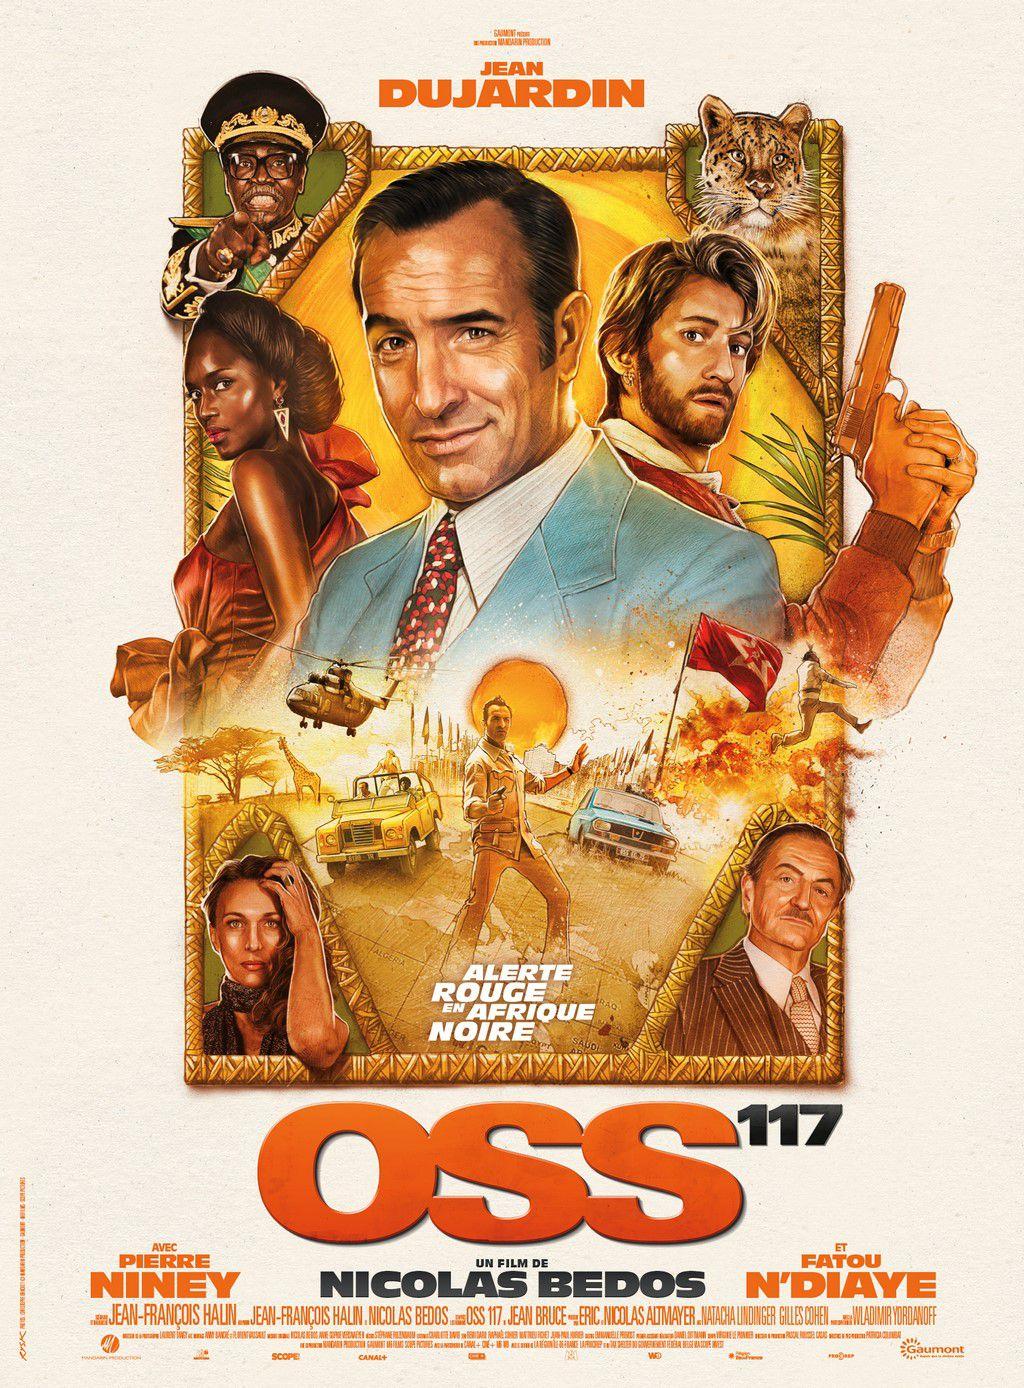 OSS 117 débarque sur la croisette pour la Dernière Séance du 74e Festival de Cannes !